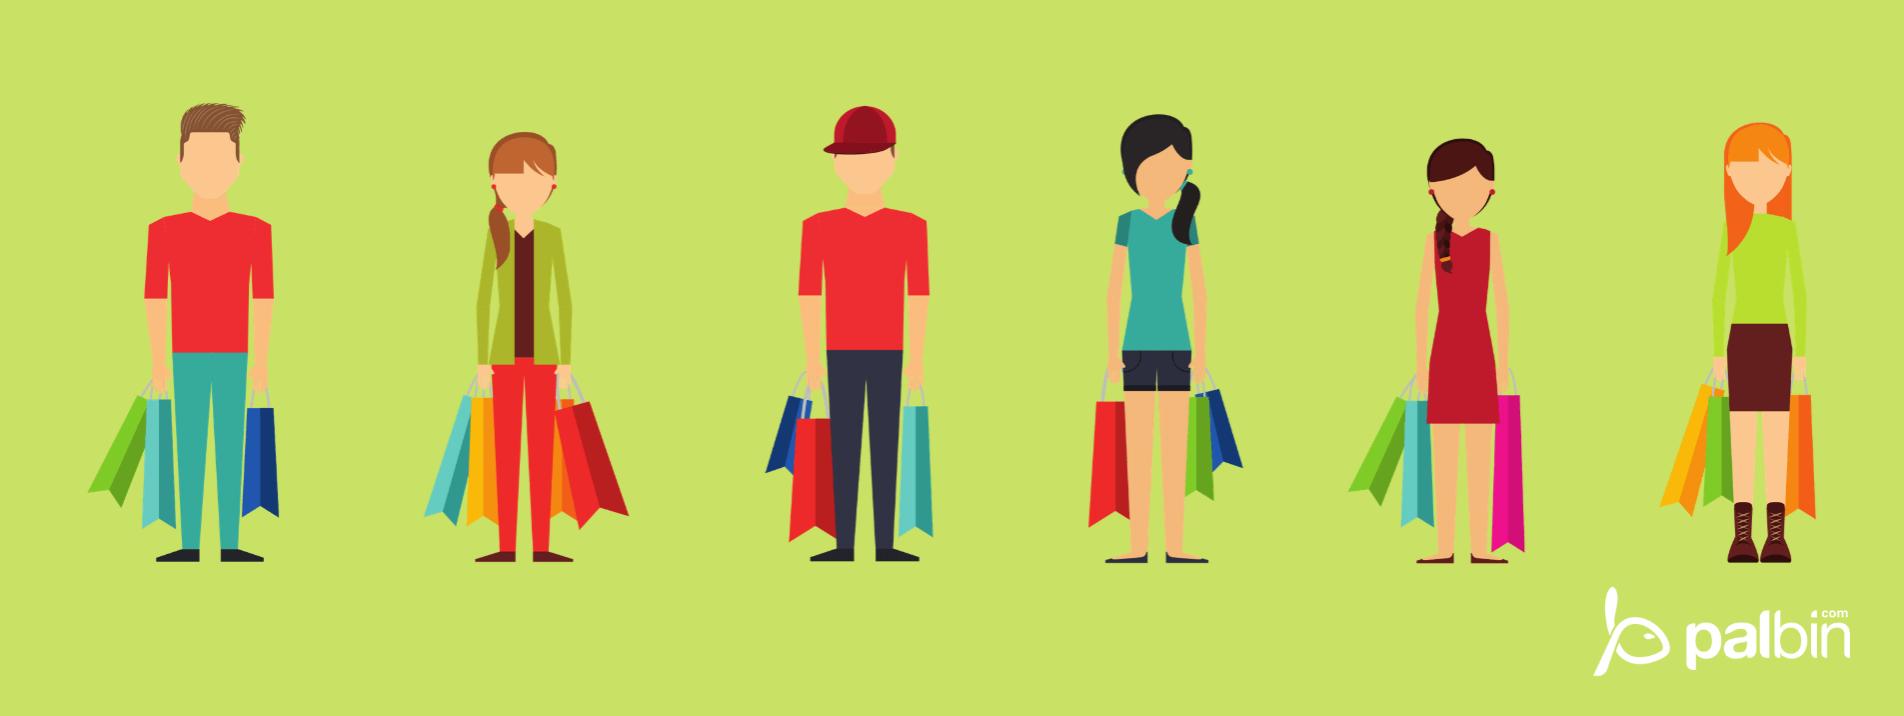 ¿Cómo es el perfil del comprador de tu tienda? Estudio Anual de eCommerce 2019